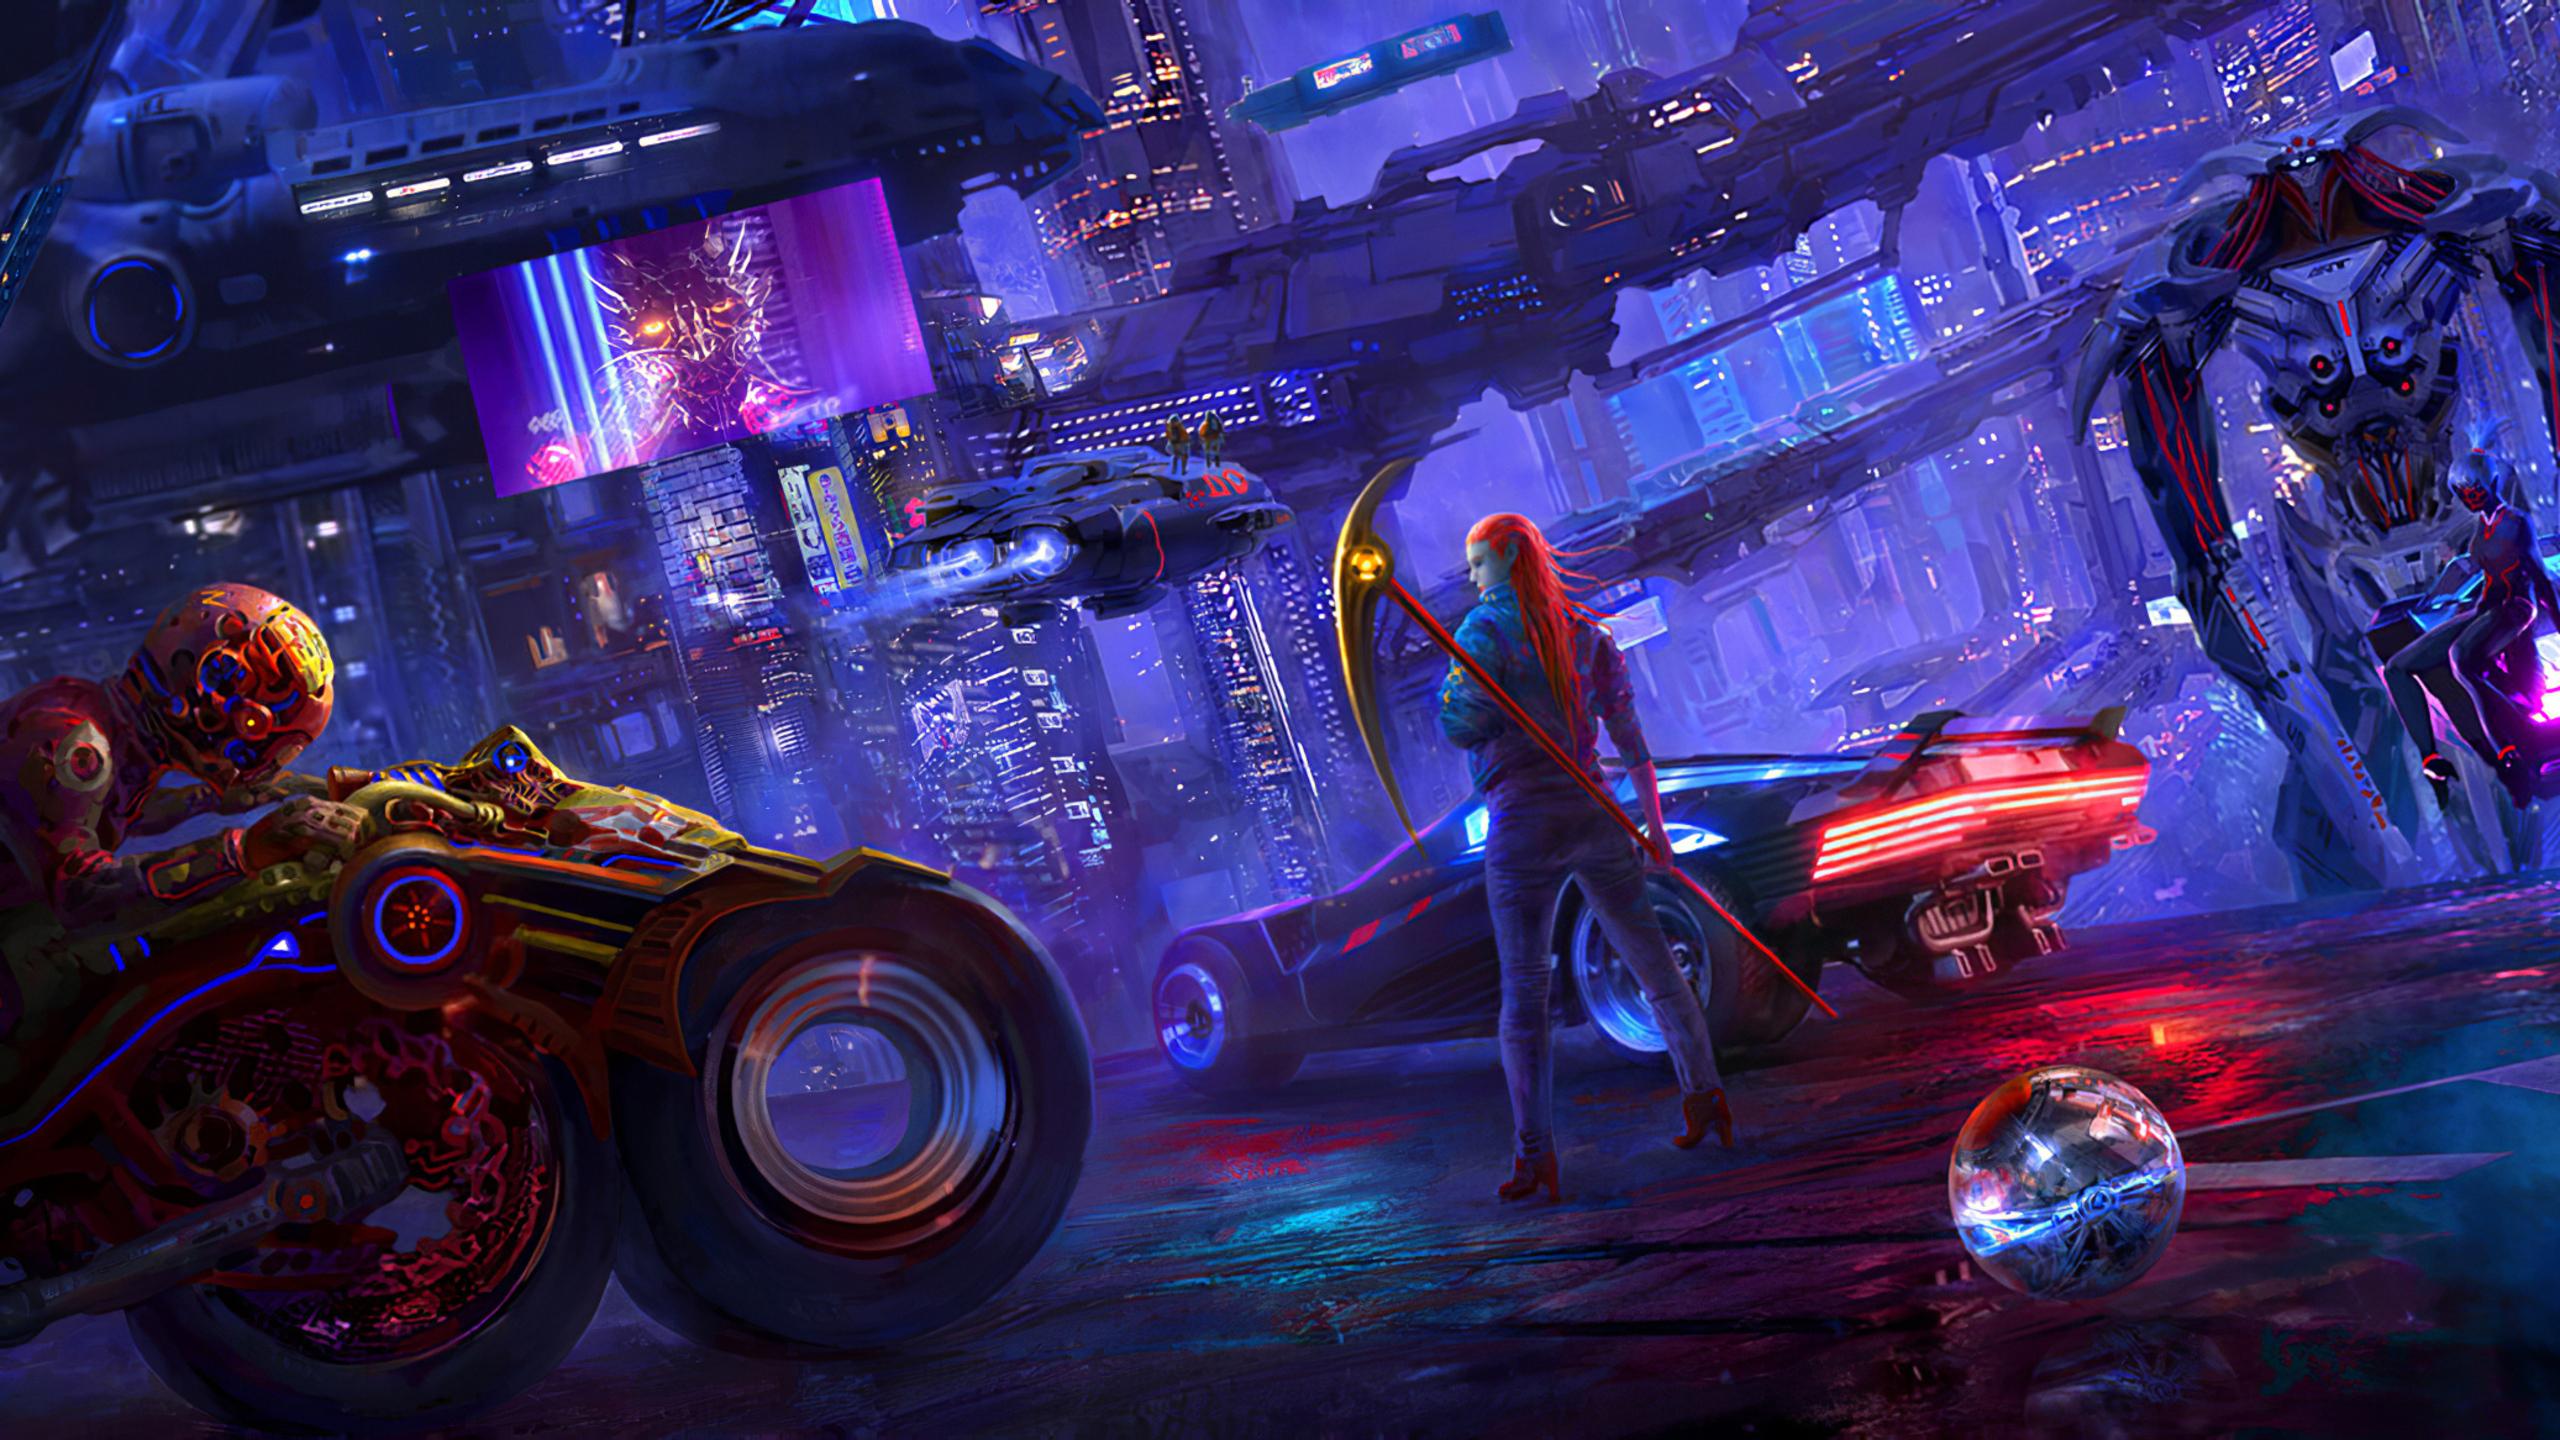 2560x1440 Cyberpunk 2077 Newart 1440P Resolution HD 4k ...